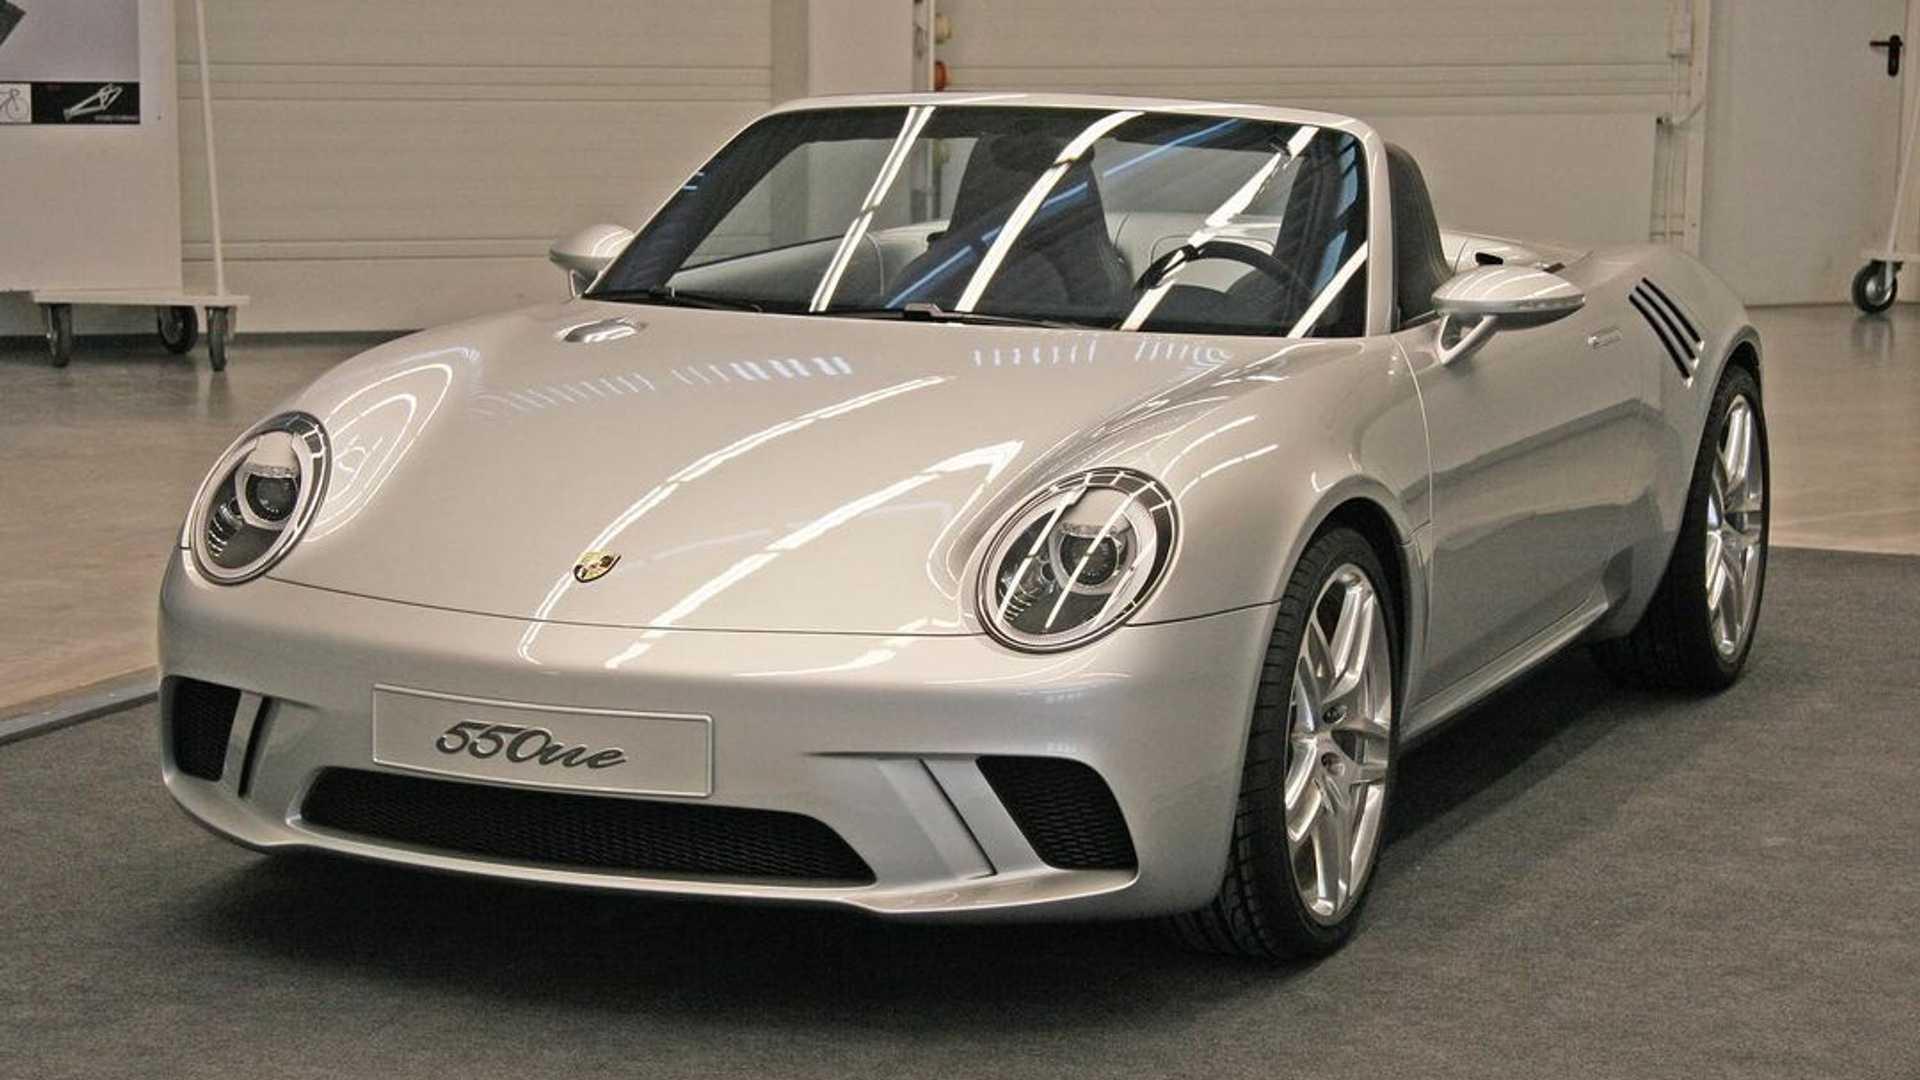 Η σύγχρονη Porsche 550 υπογεγραμμένη από τον Walter de Silva